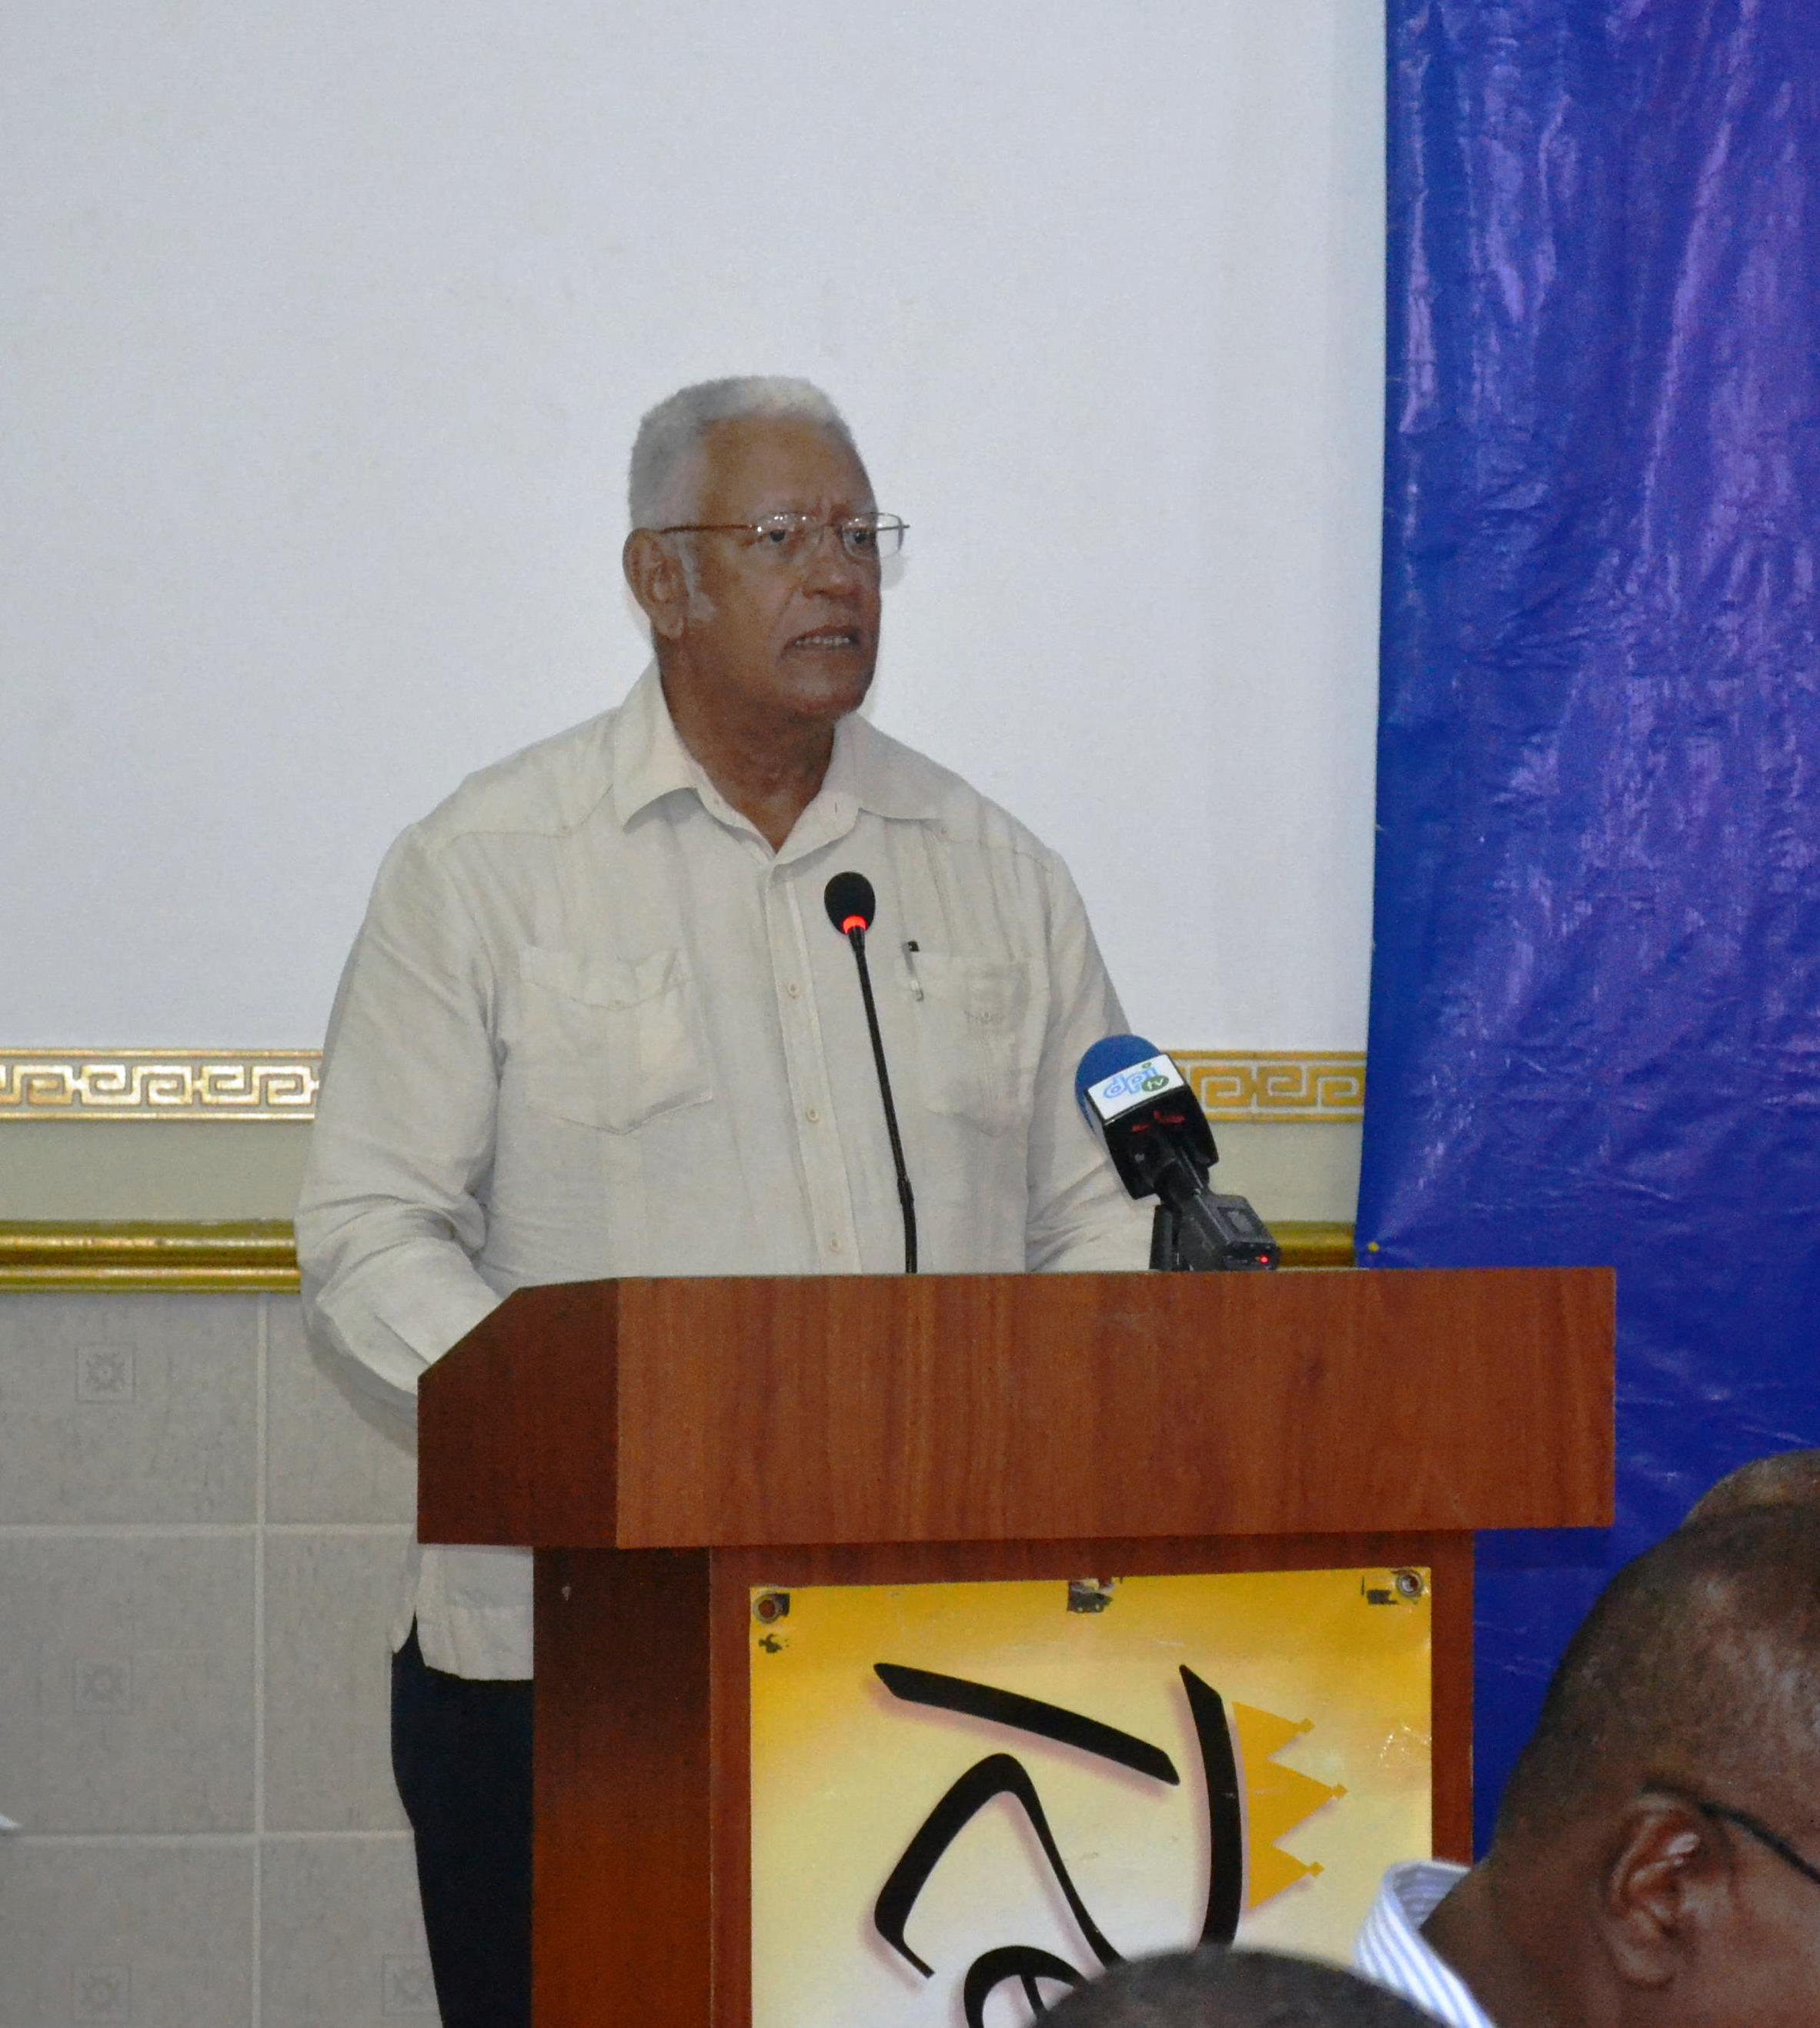 Agriculture Minister, Noel Holder